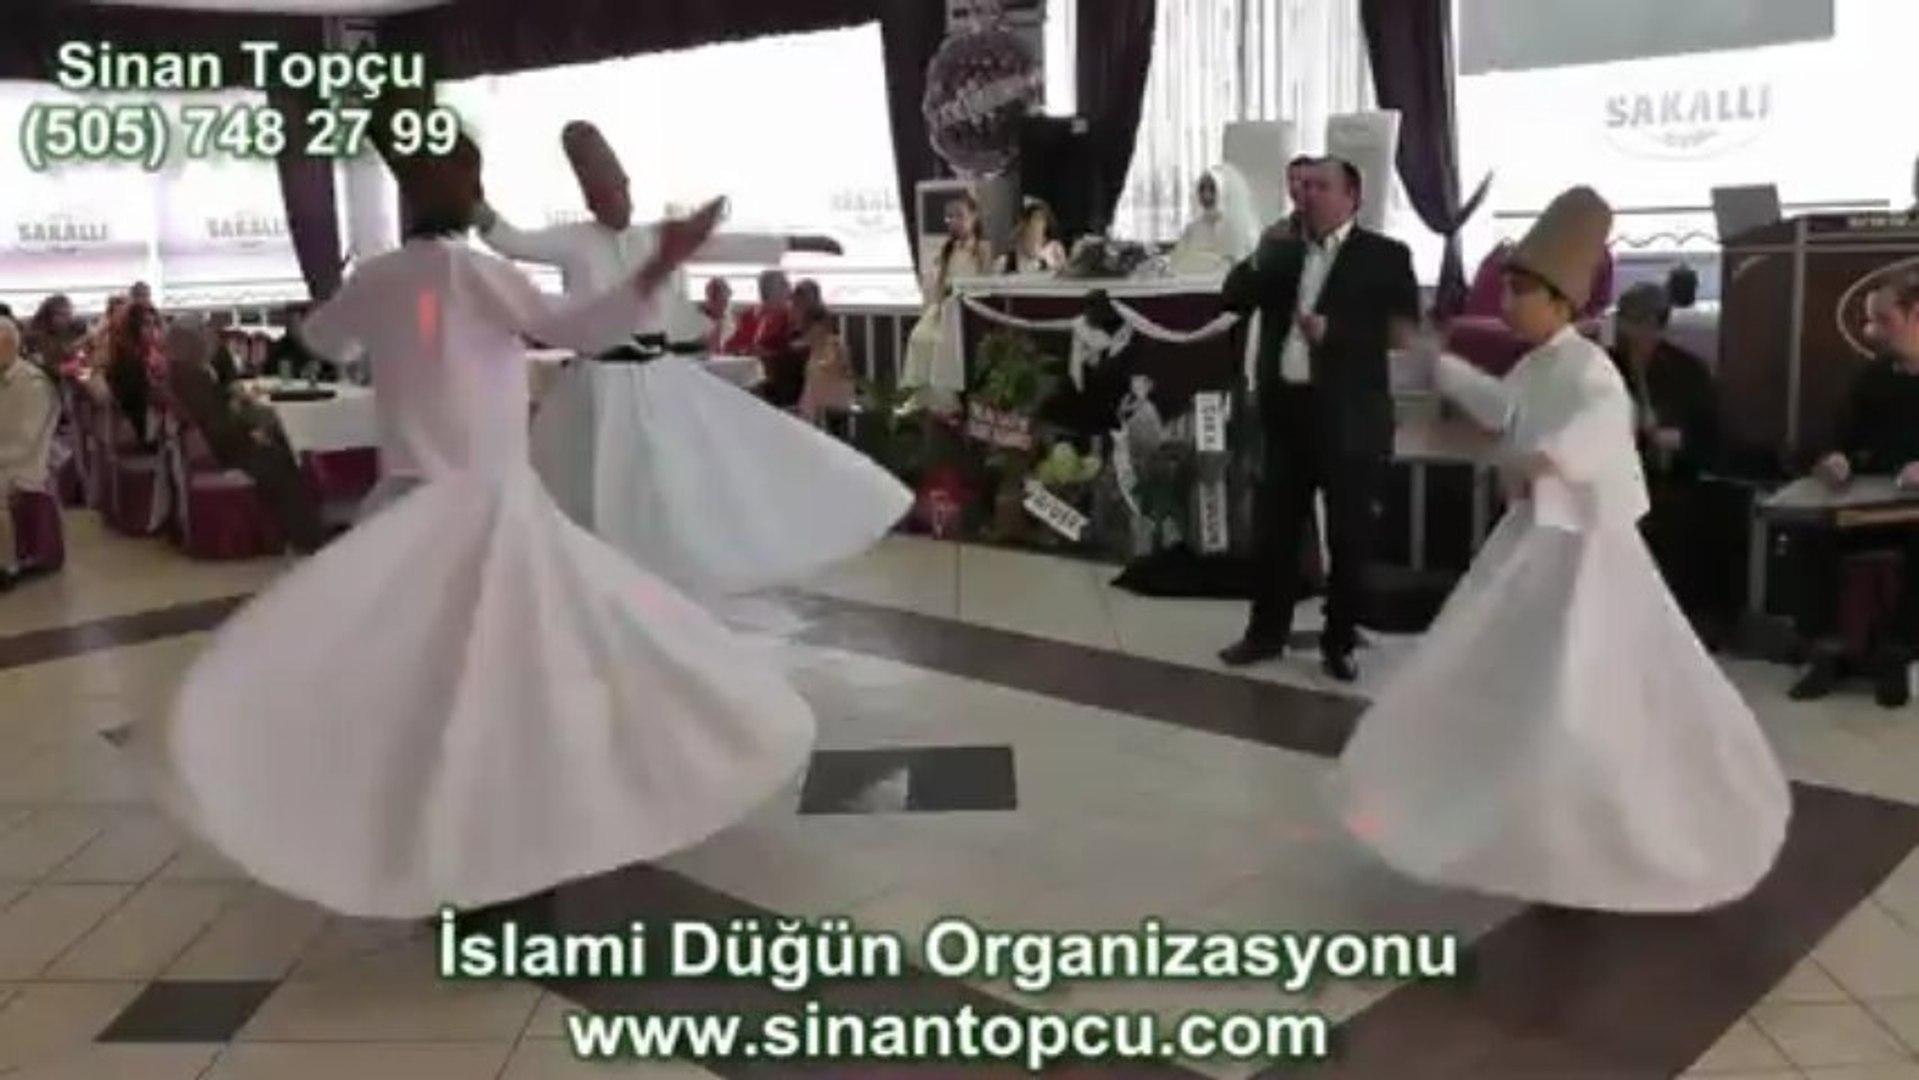 ilahili düğünler, ilahili düğün islami, islami düğün organizasyon, dini düğün organizasyonu